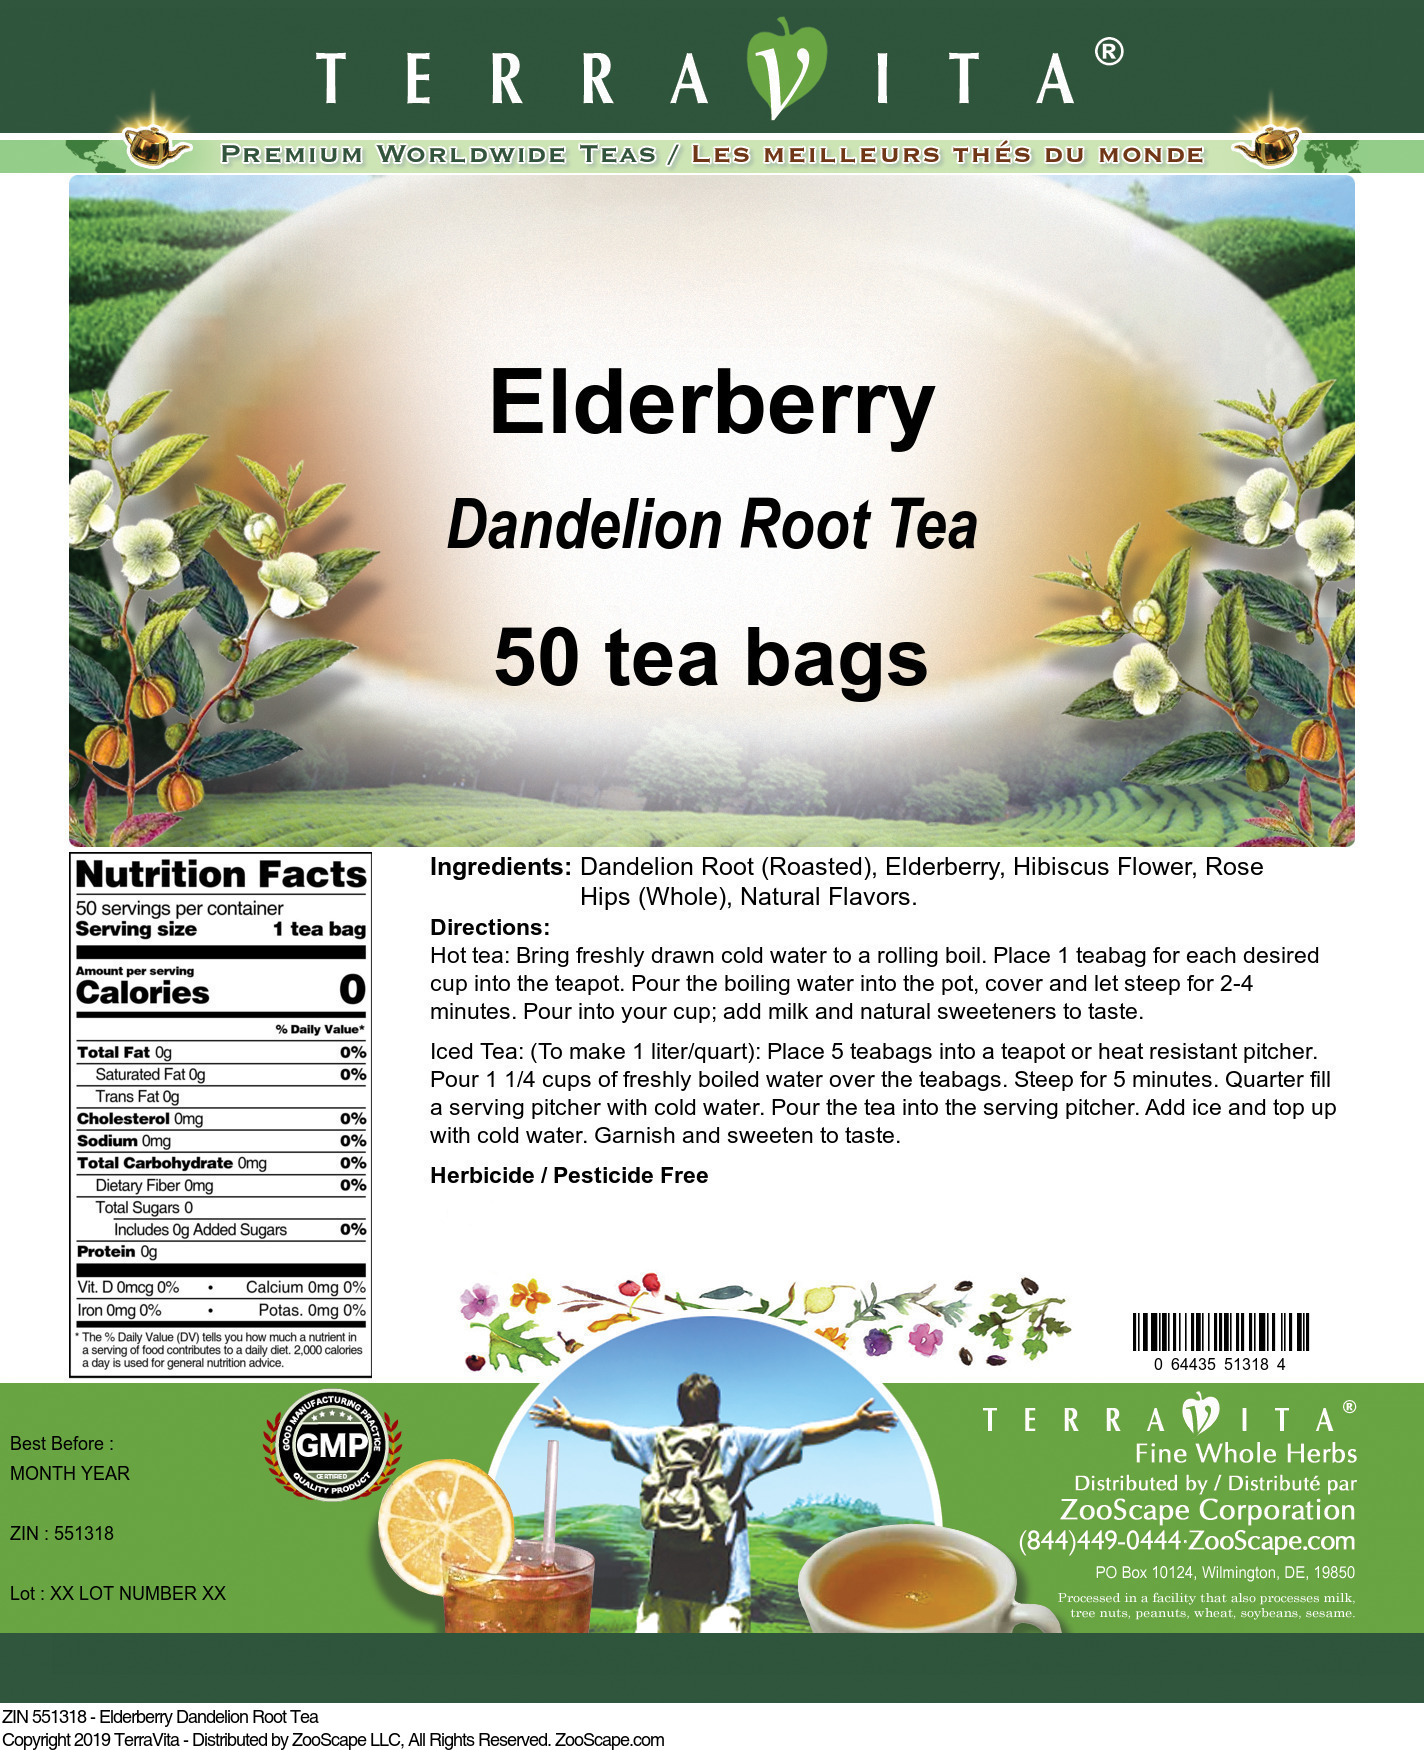 Elderberry Dandelion Root